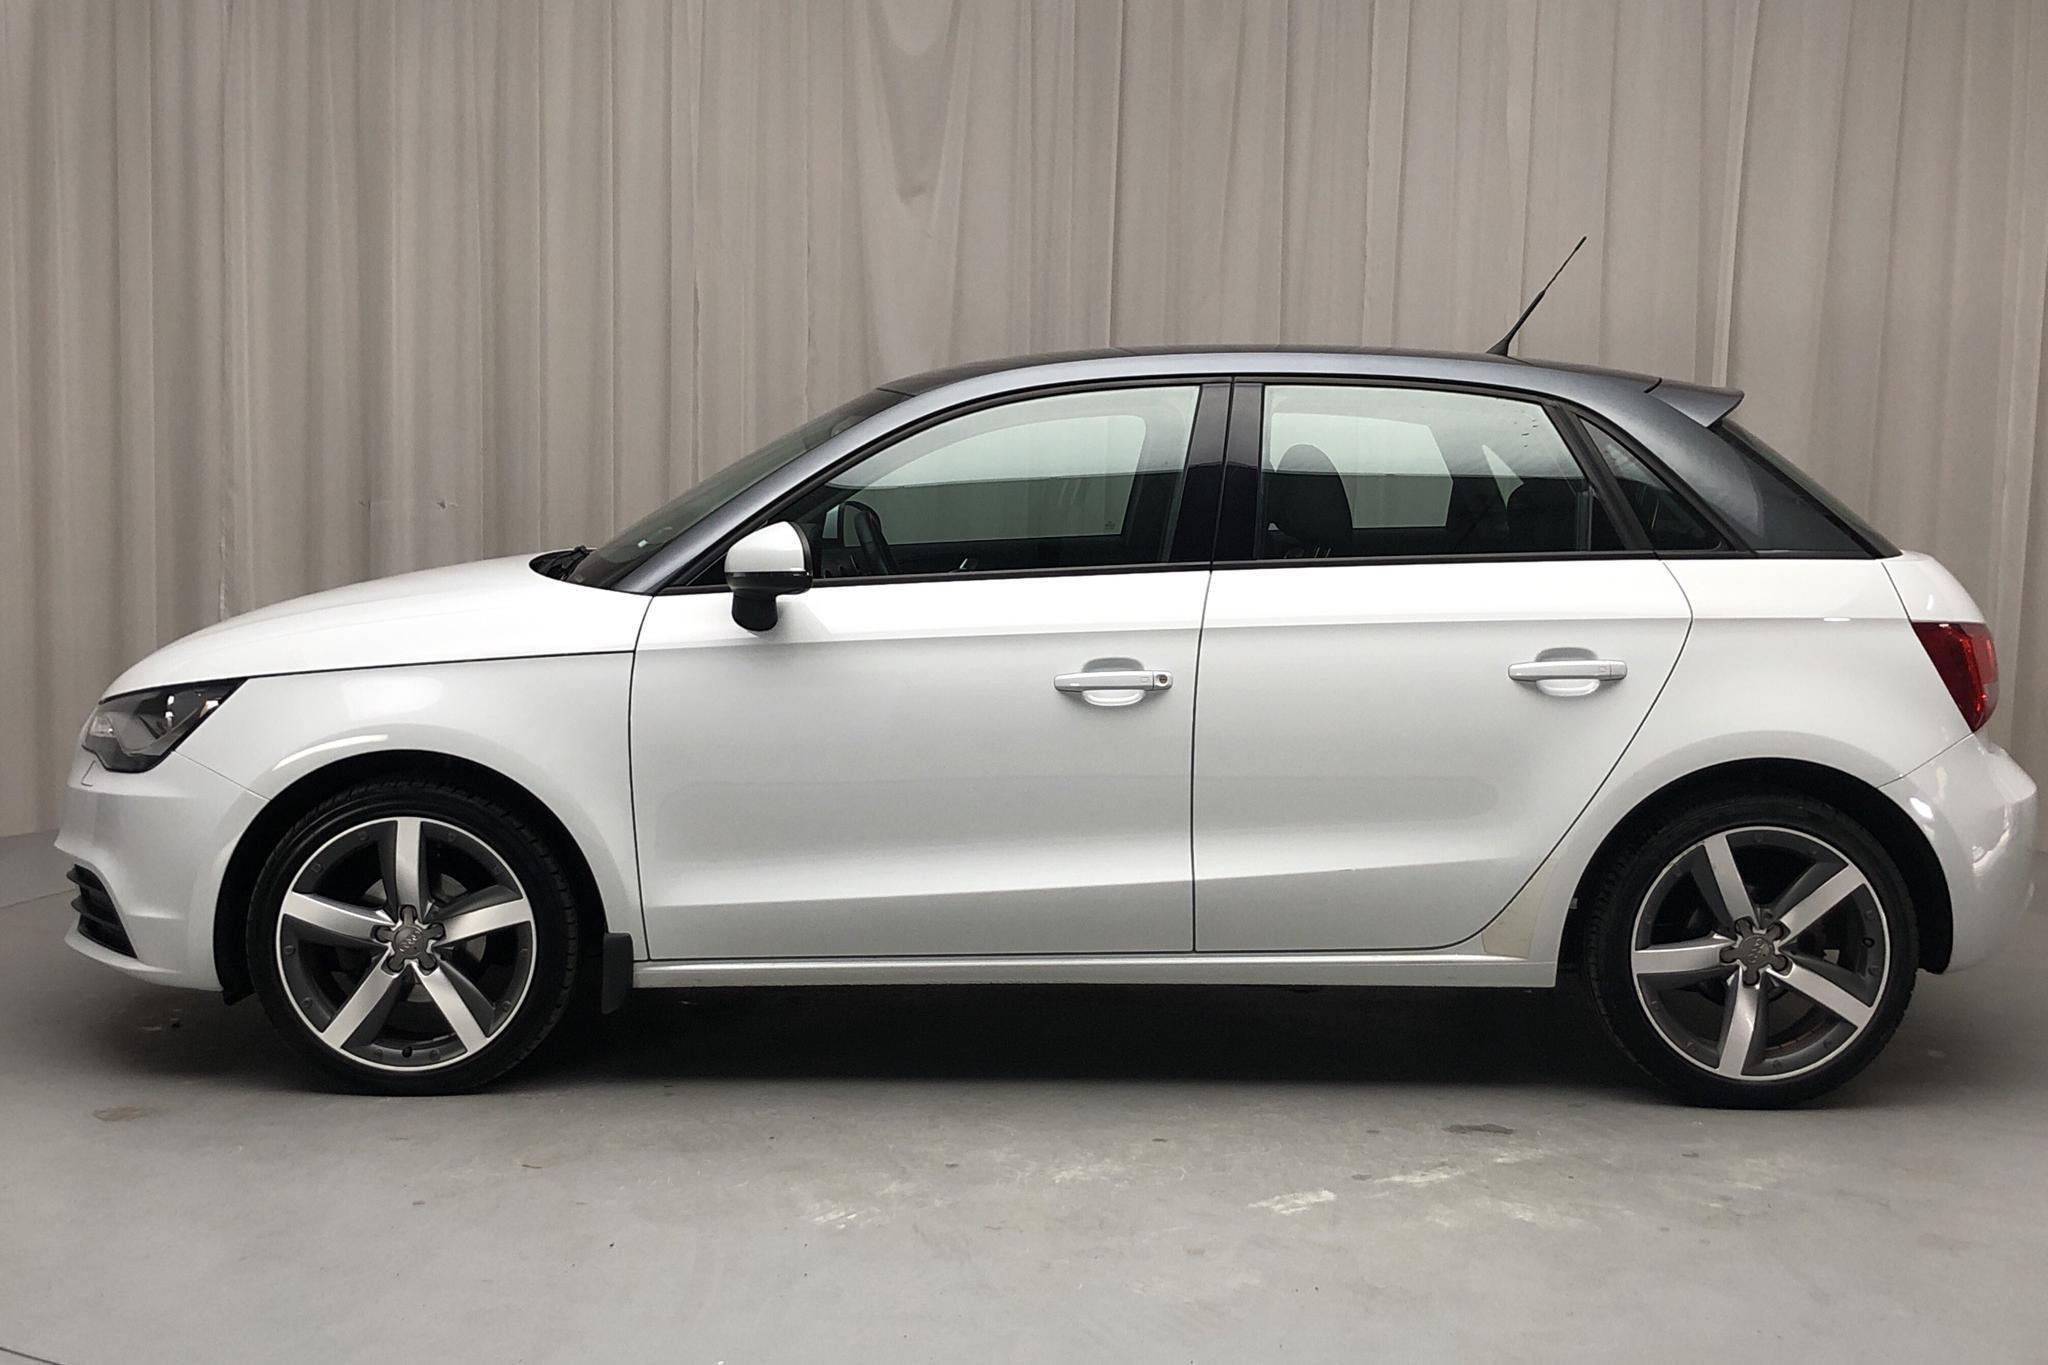 Audi A1 1.2 TFSI Sportback (86hk) - 71 380 km - Manual - white - 2012